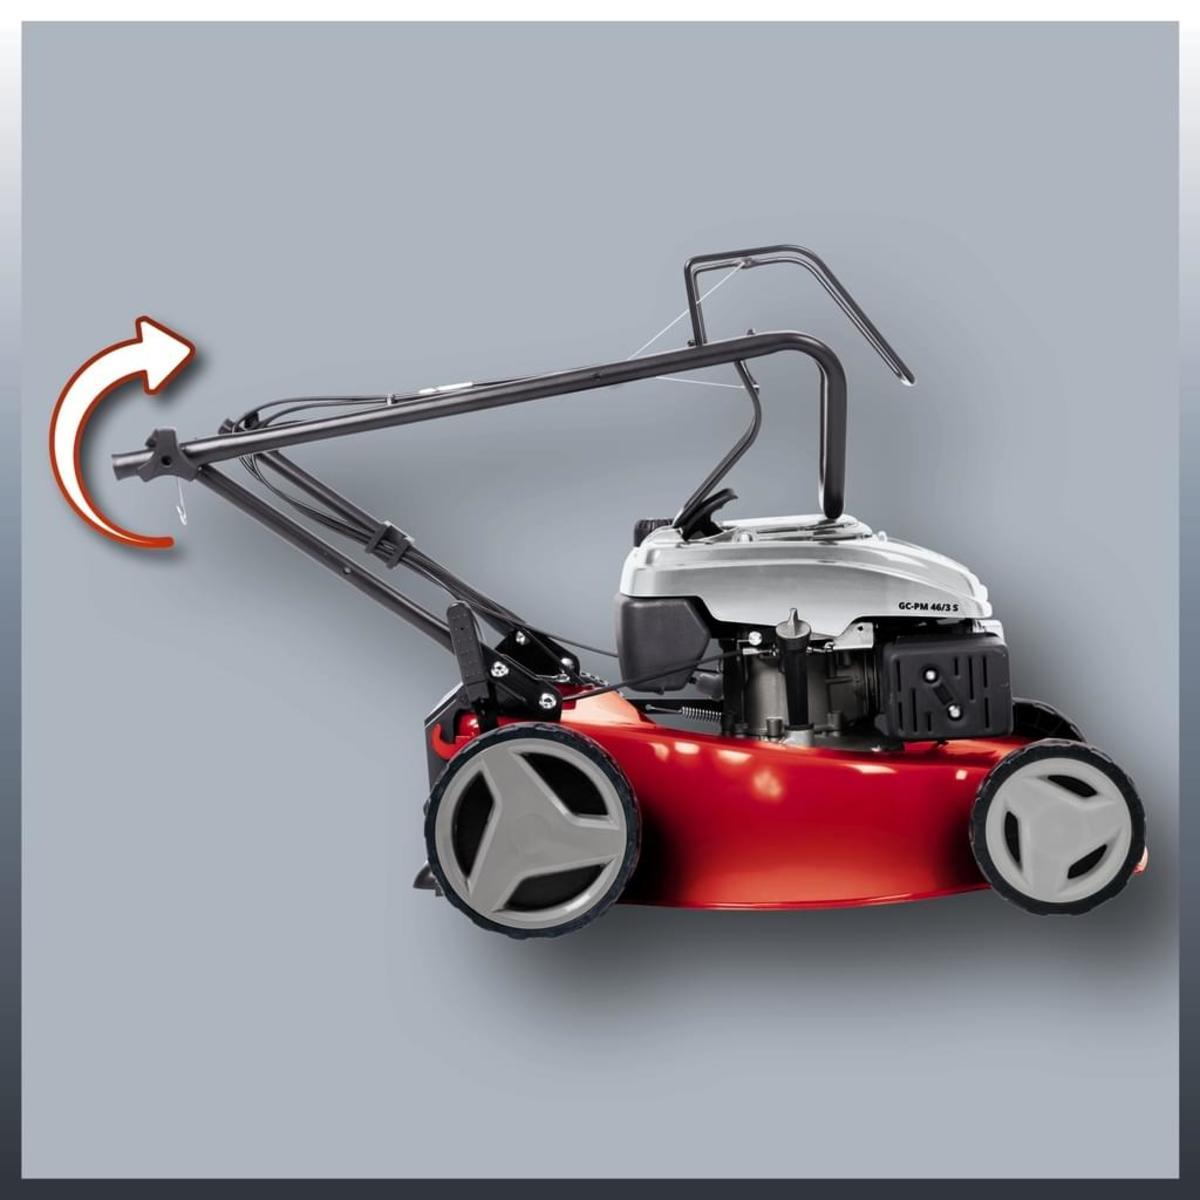 Bild 2 von Einhell GC-PM 46/3 S 34.007.27 Handgeführter Rasenmäher, 4-Takt Benzinmotor, 46cm Schnittbreite, Radantrieb, Grasfang hinten, Schwarz/Rot